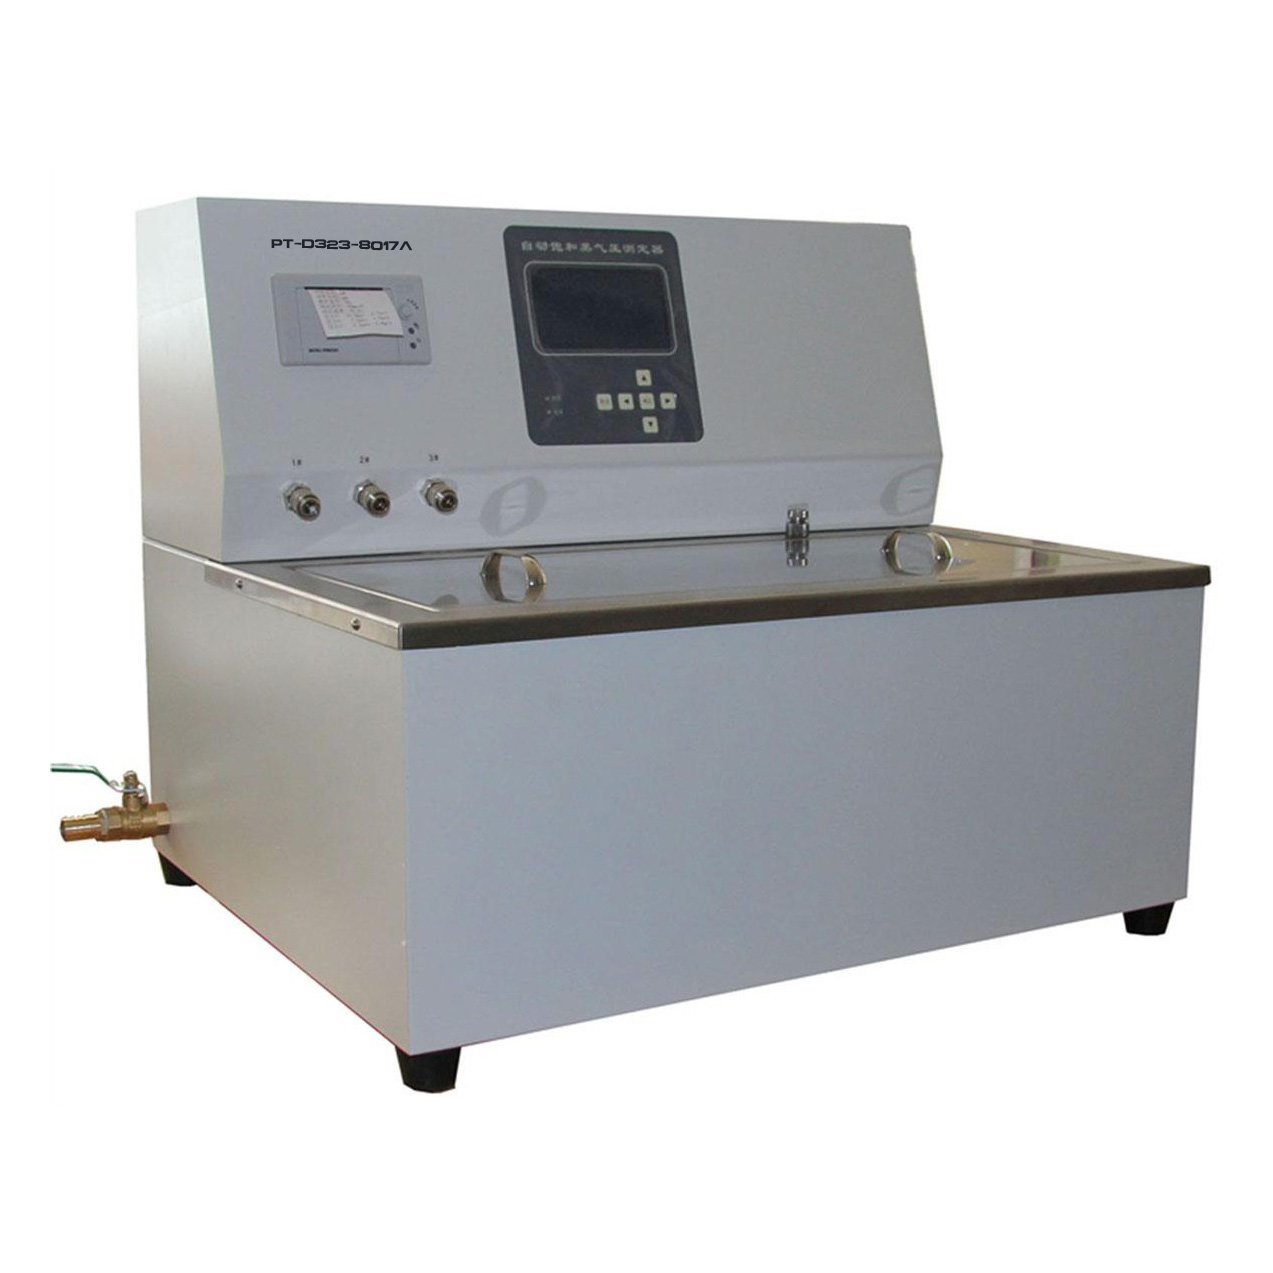 PT-D323-8017A Petroleum Products Vapor Pressure Tester (Reid Methods)